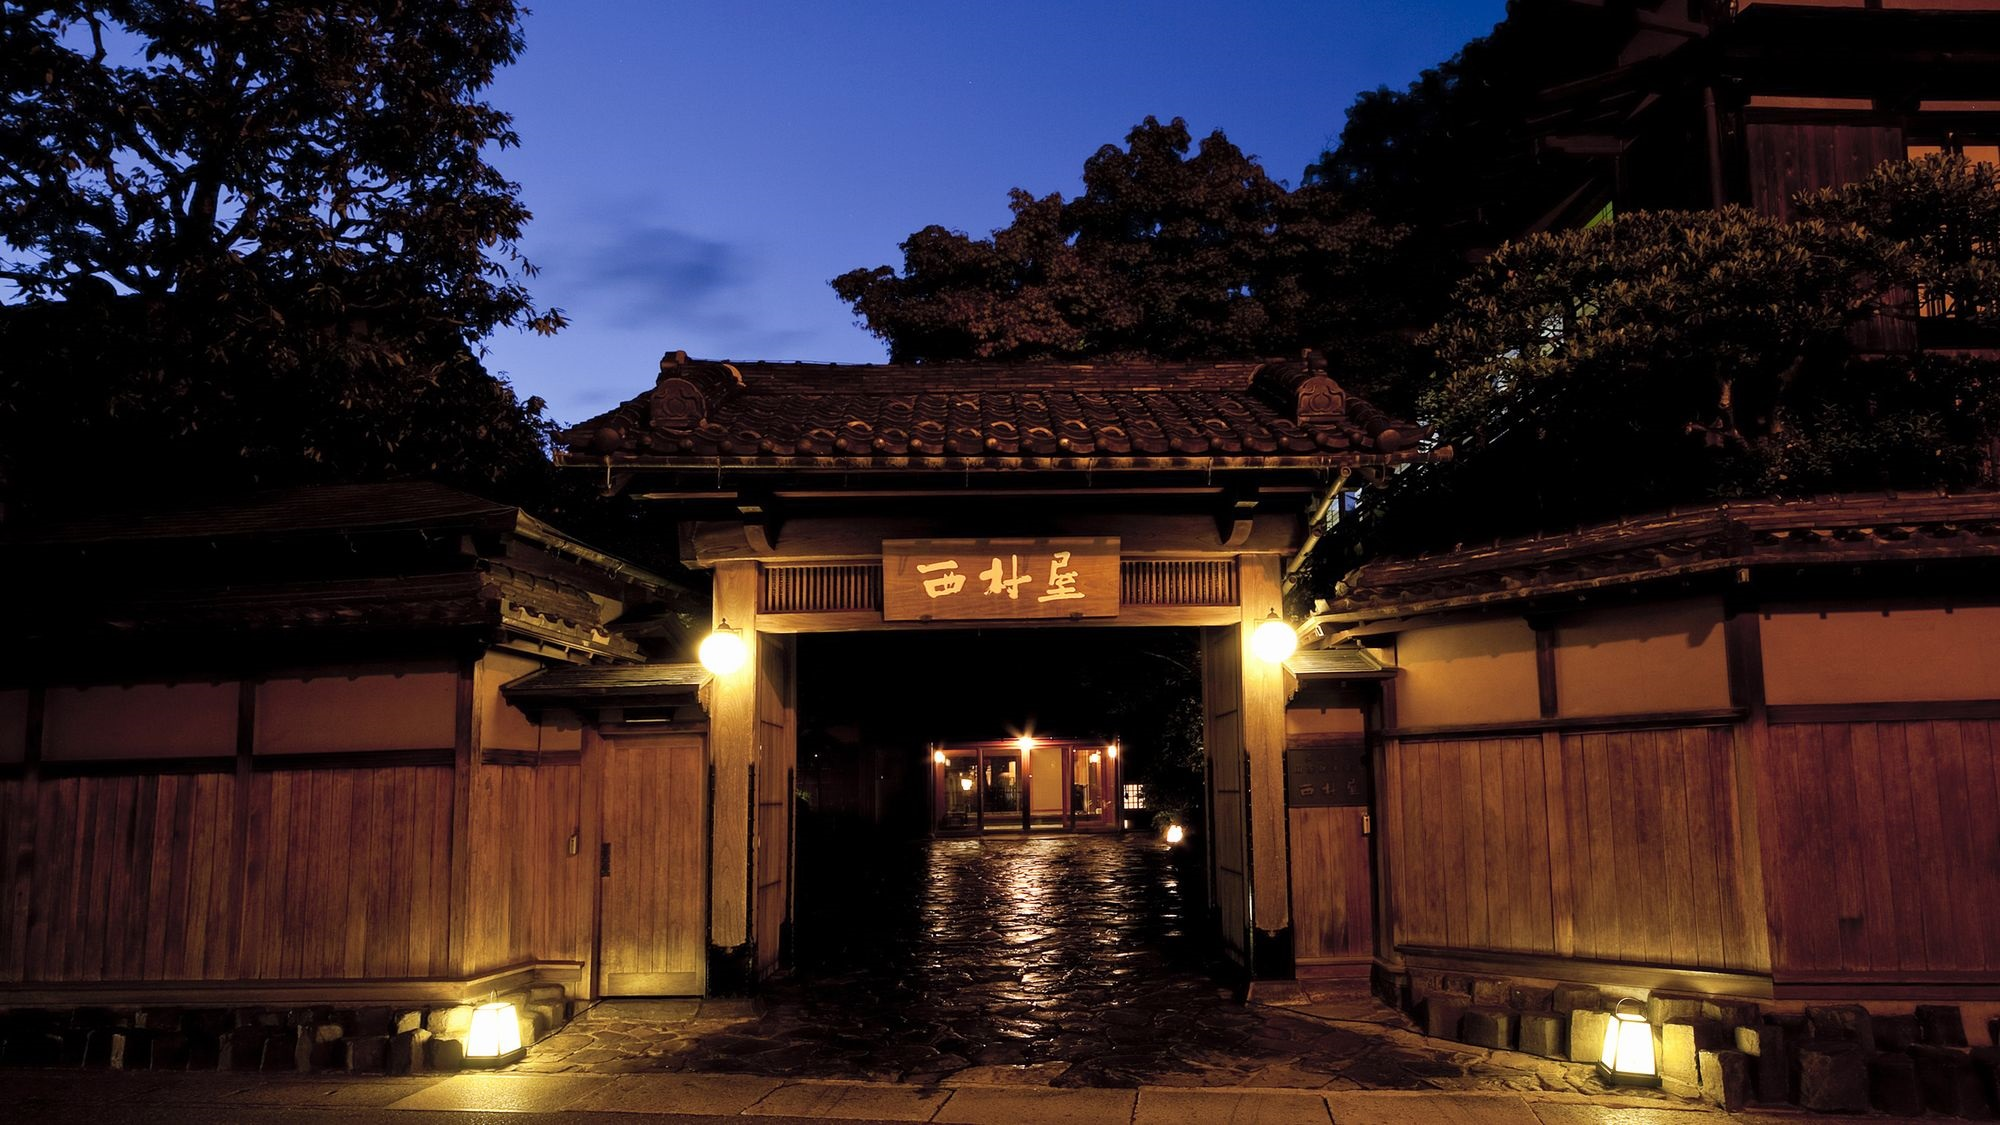 城崎温泉で会席料理がおいしい宿があれば教えてください。